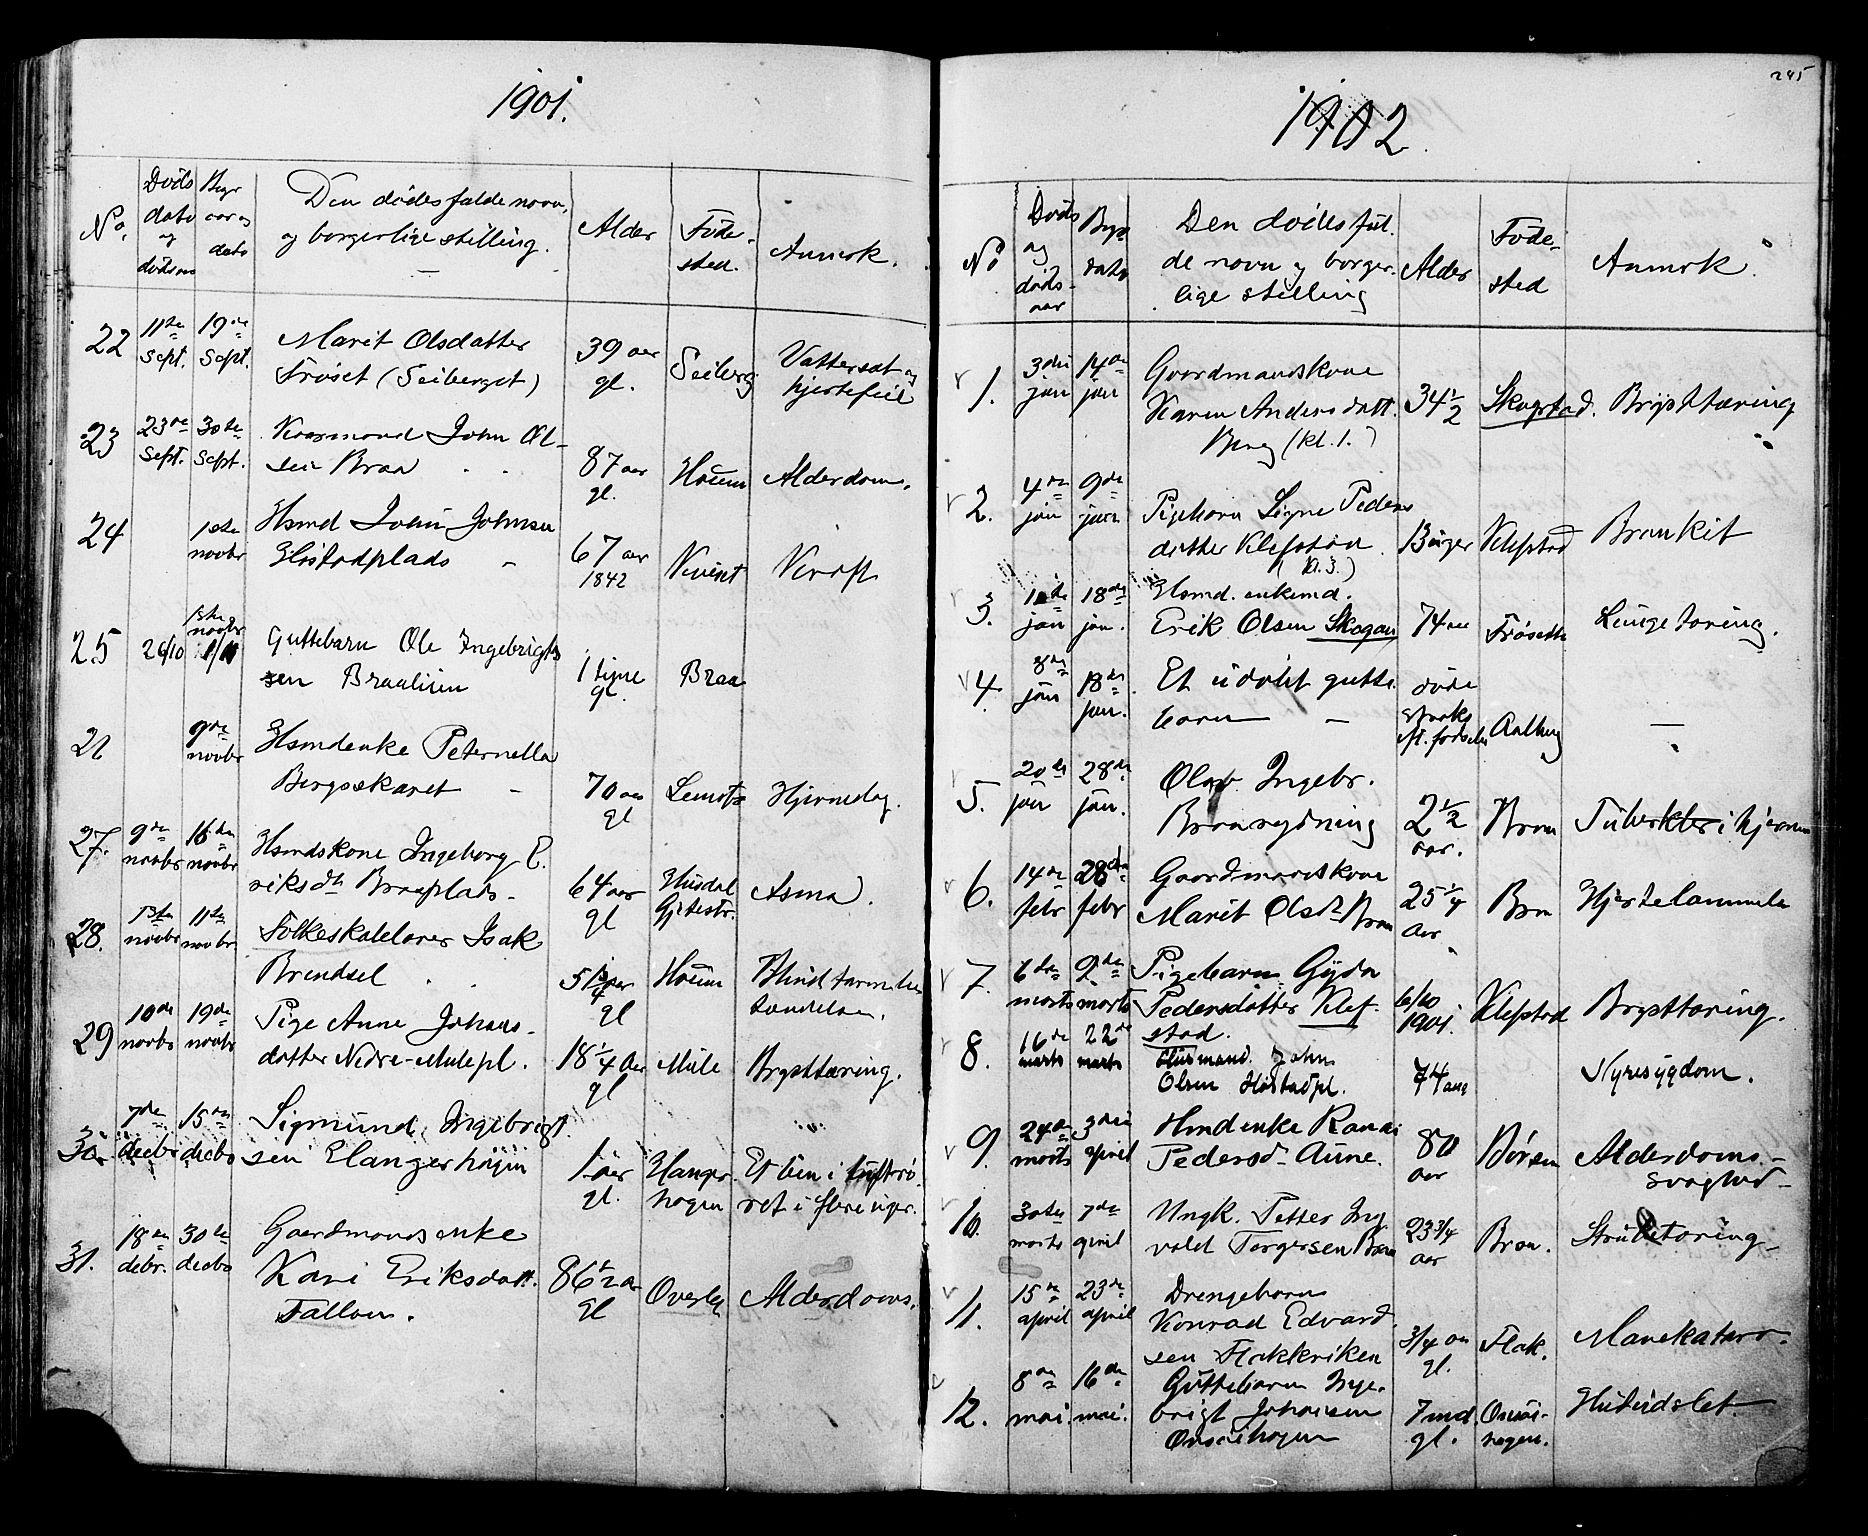 SAT, Ministerialprotokoller, klokkerbøker og fødselsregistre - Sør-Trøndelag, 612/L0387: Klokkerbok nr. 612C03, 1874-1908, s. 245